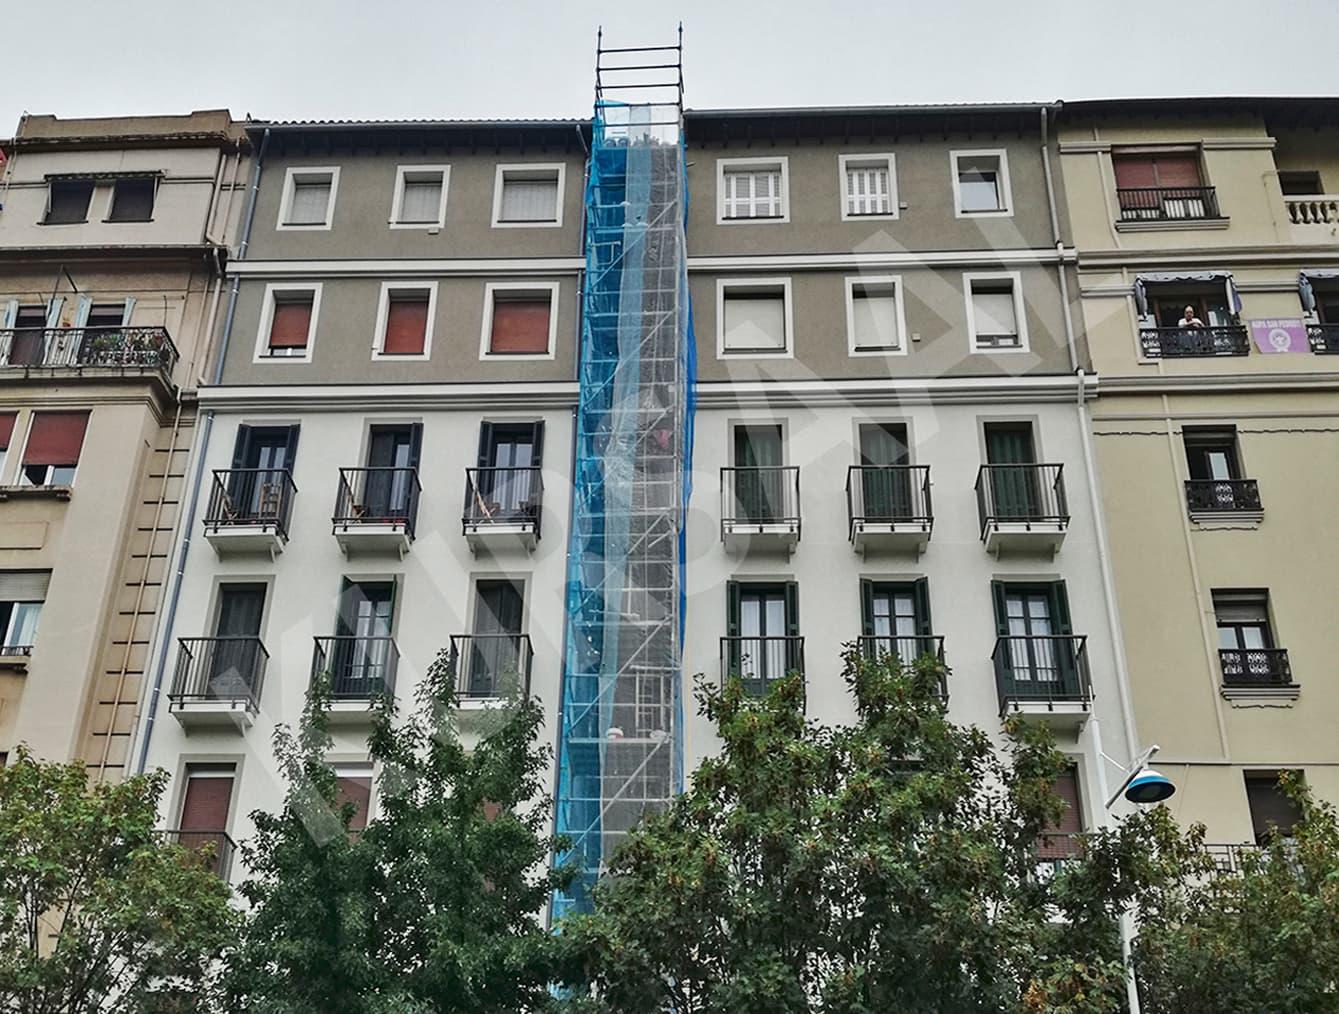 foto 1 - Aislamientos Térmicos y Eficiencia Energética-Euskadi Etorbidea, 17-PASAIA, GIPUZKOA